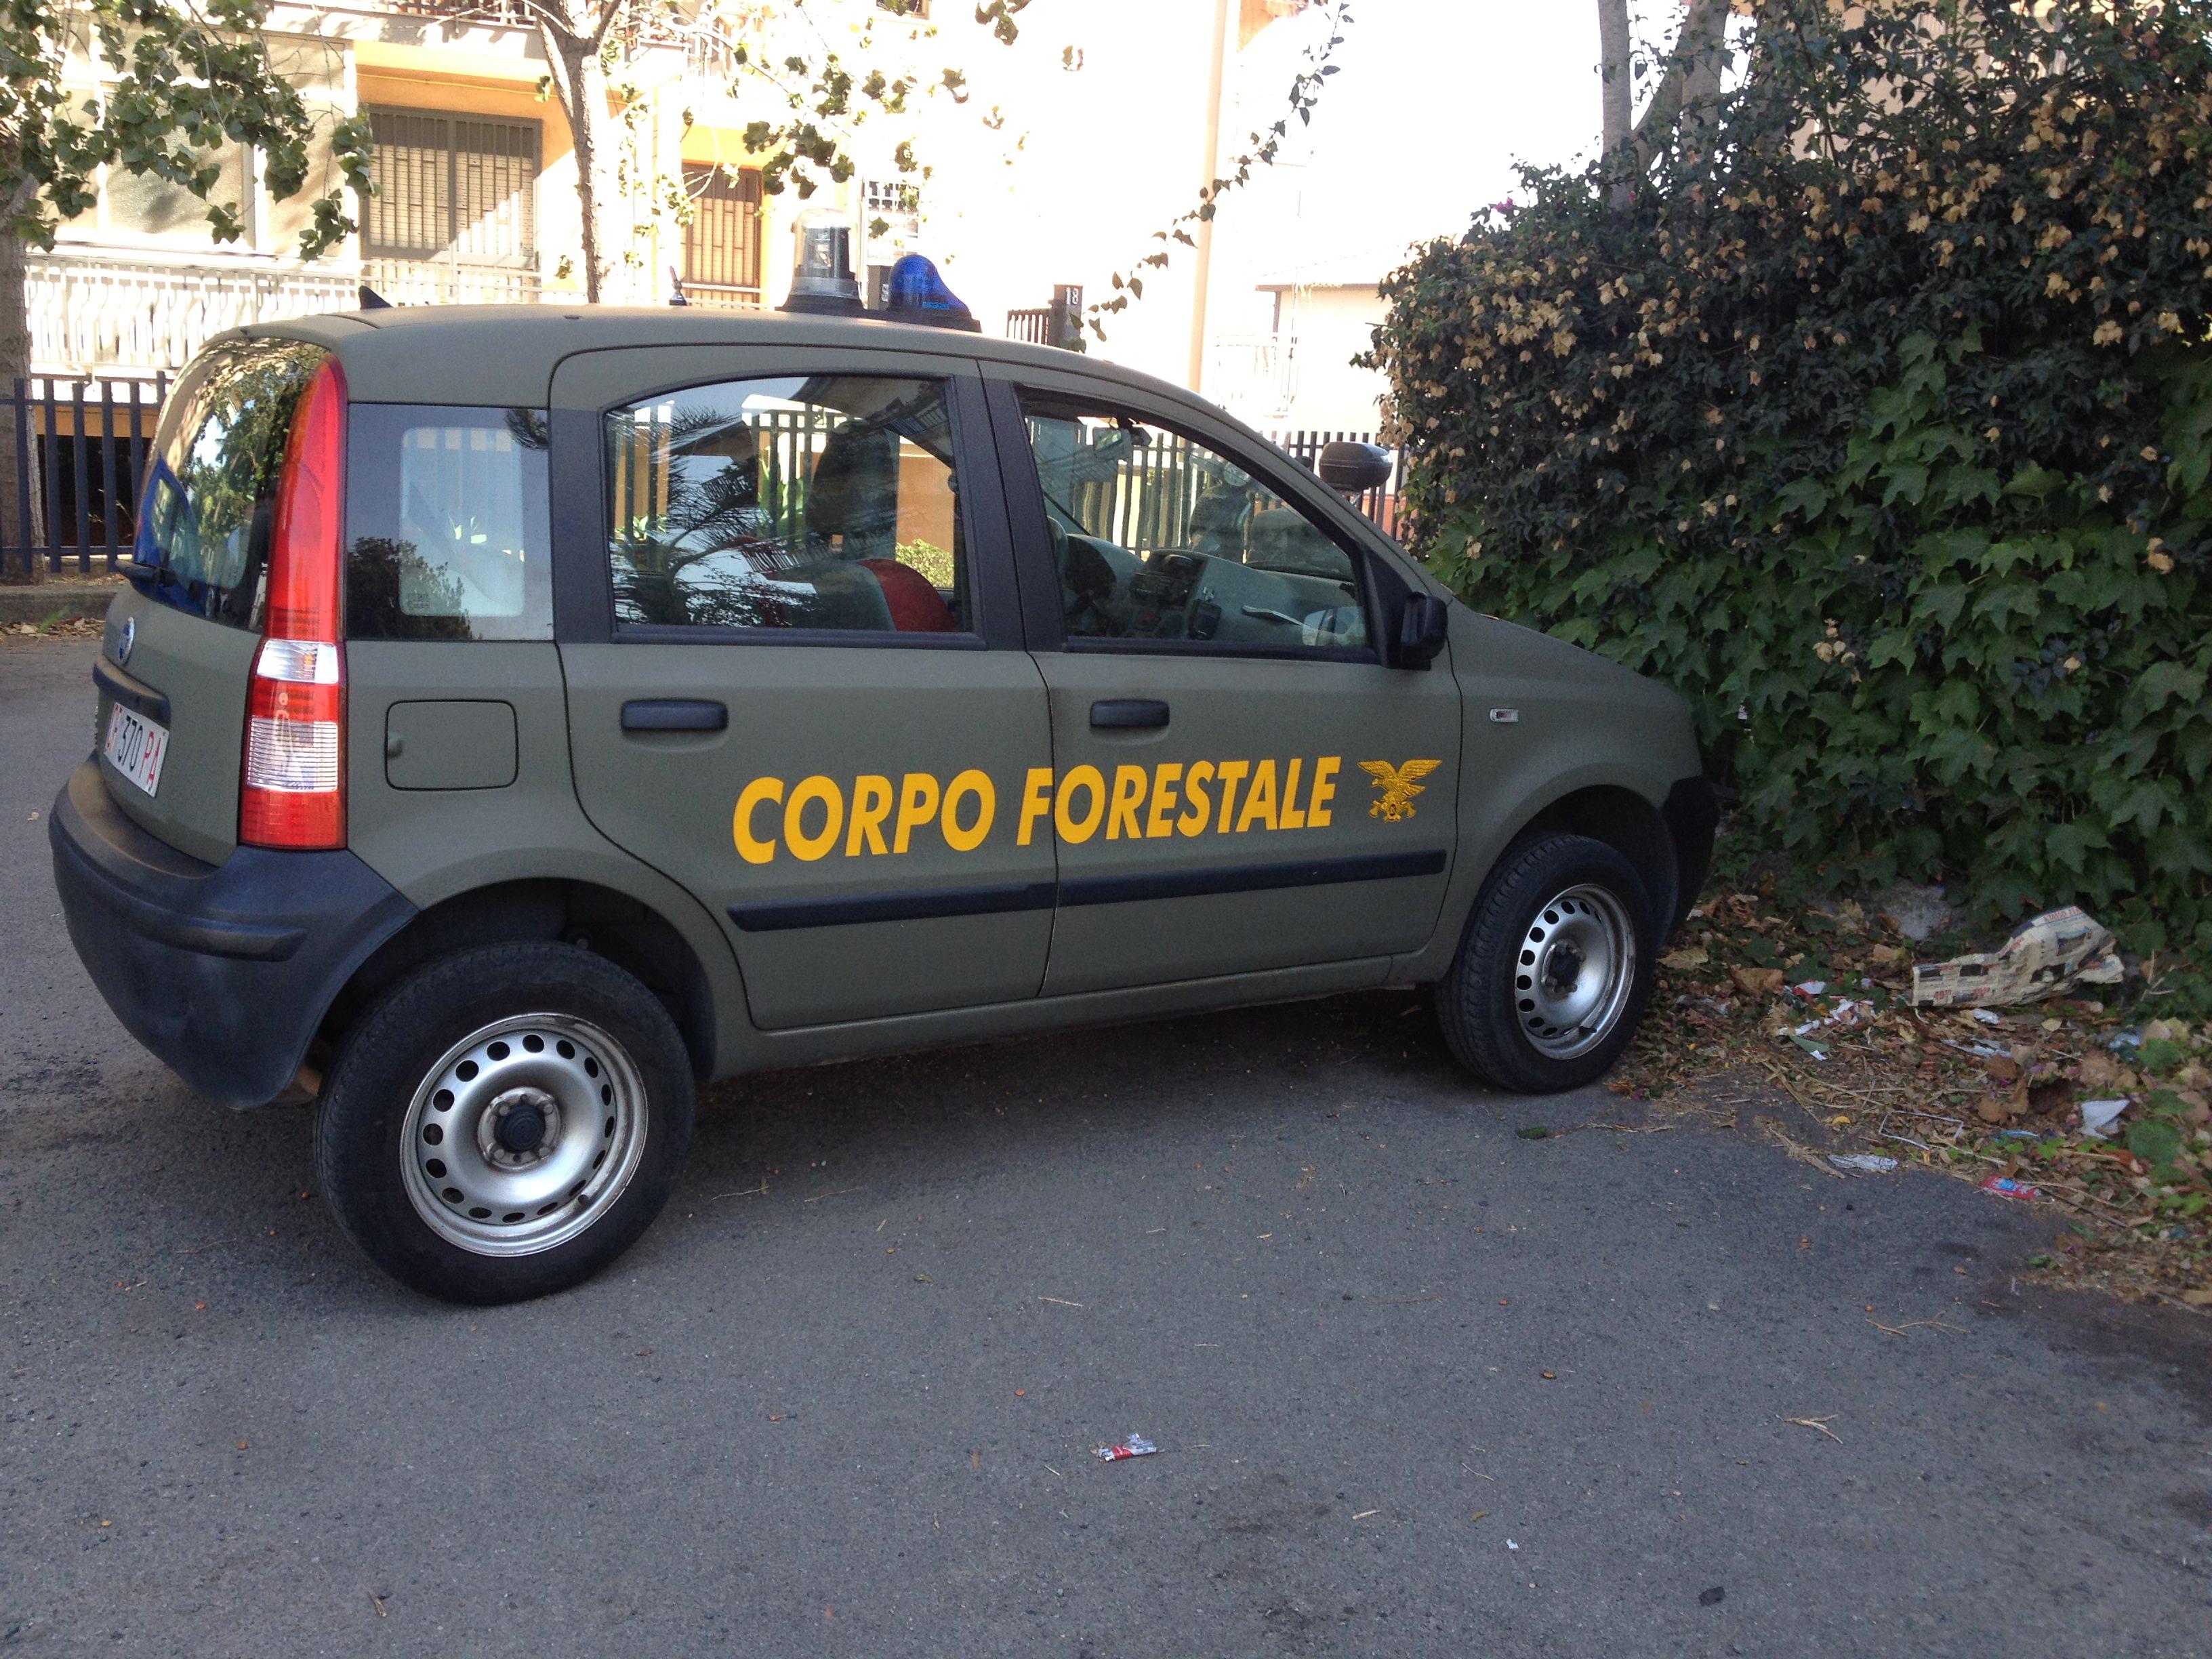 Operaio della Forestale sorpreso mentre appicca incendio a Vendicari